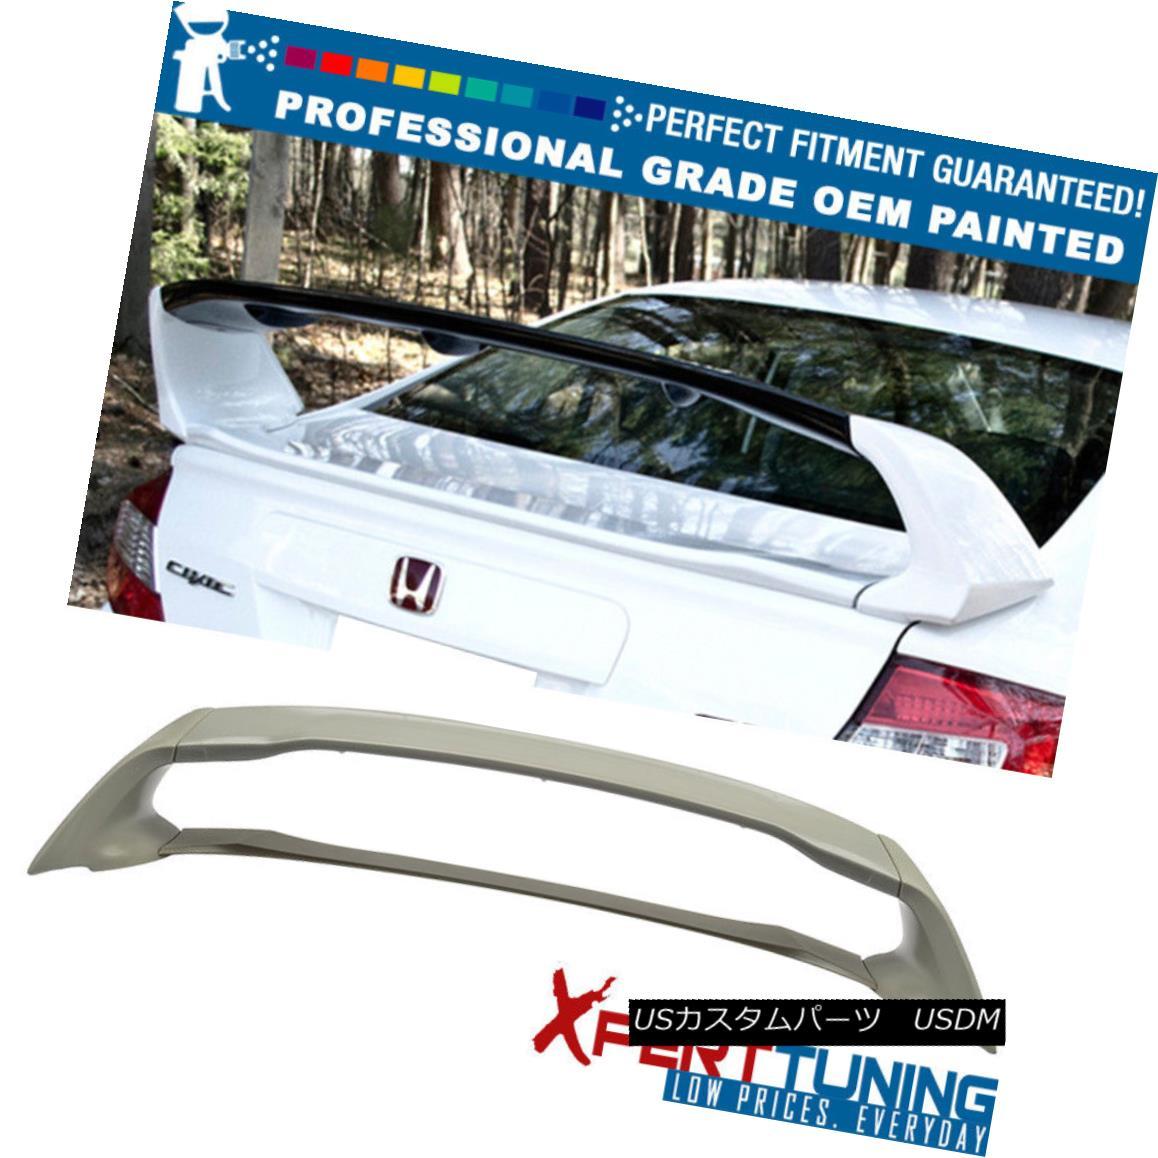 エアロパーツ 12-15 Honda Civic Mugen Painted ABS Trunk Spoiler - OEM Painted Color ホンダシビックムゲン塗装ABSトランク・スポイラー - OEM塗装カラー